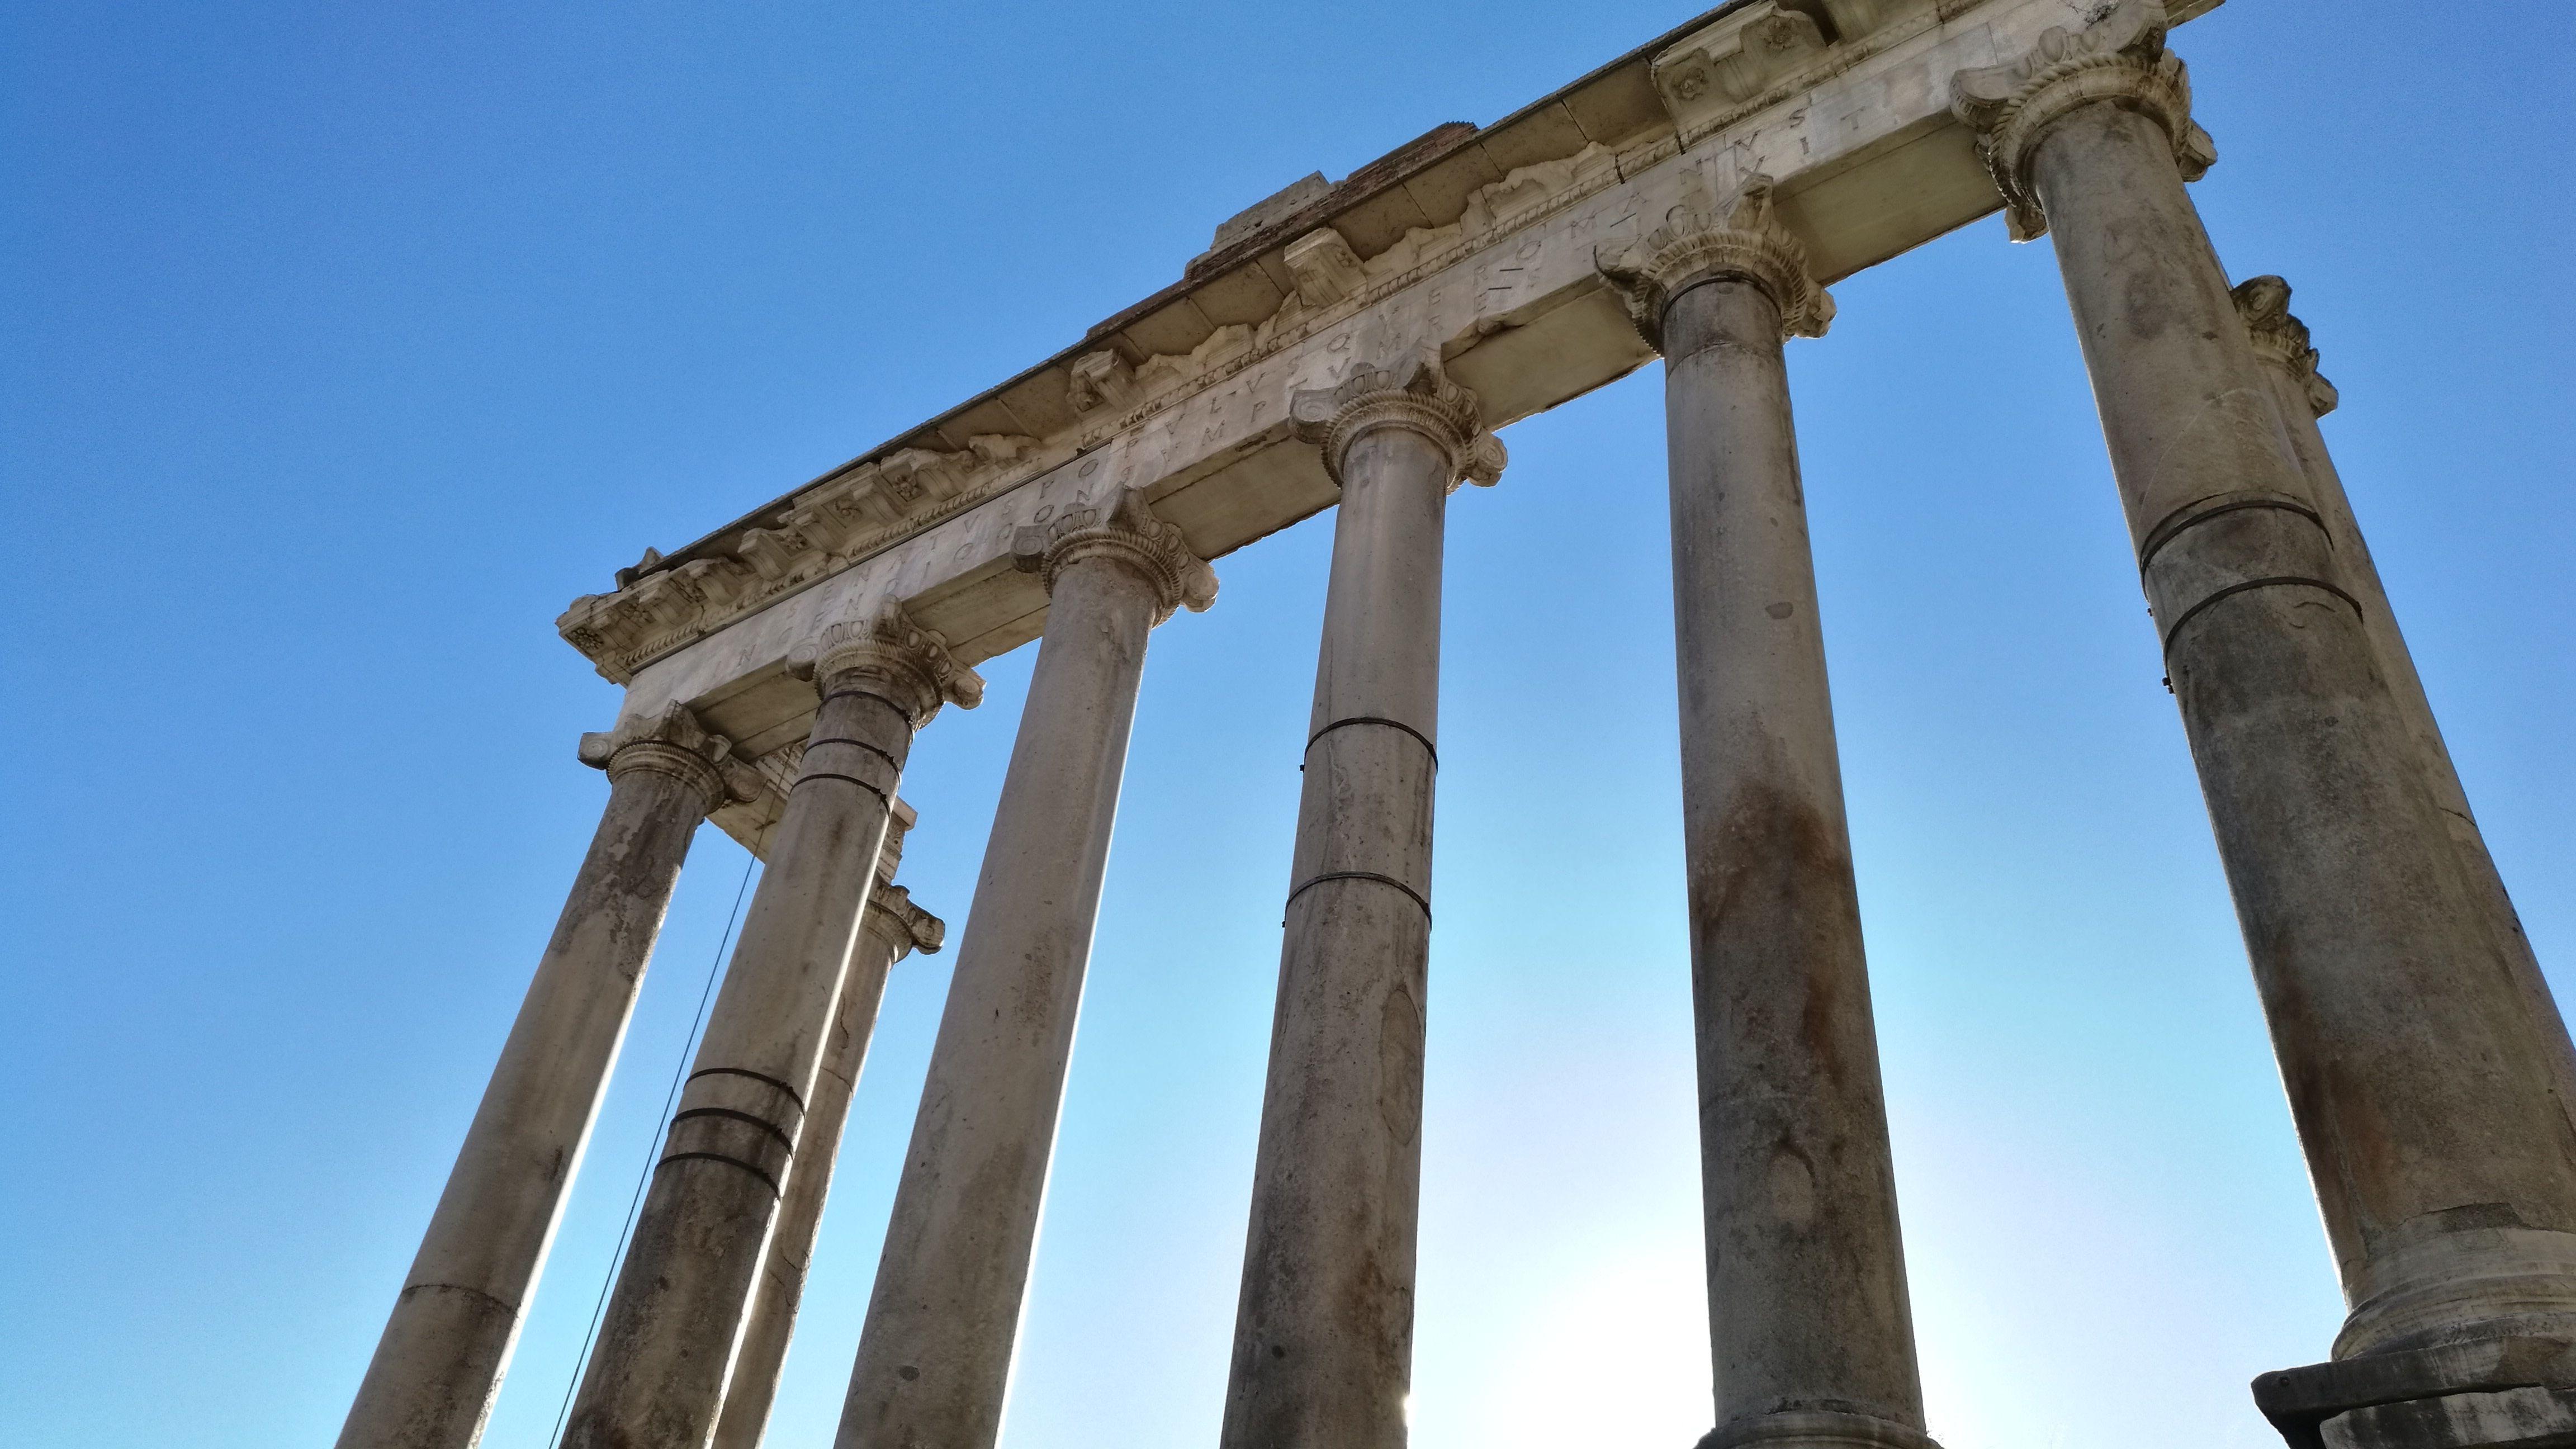 Senatus Populusque Romanus (SPQR), unas de las siglas más conocidas de la historia allí donde se escribieron por primera vez.